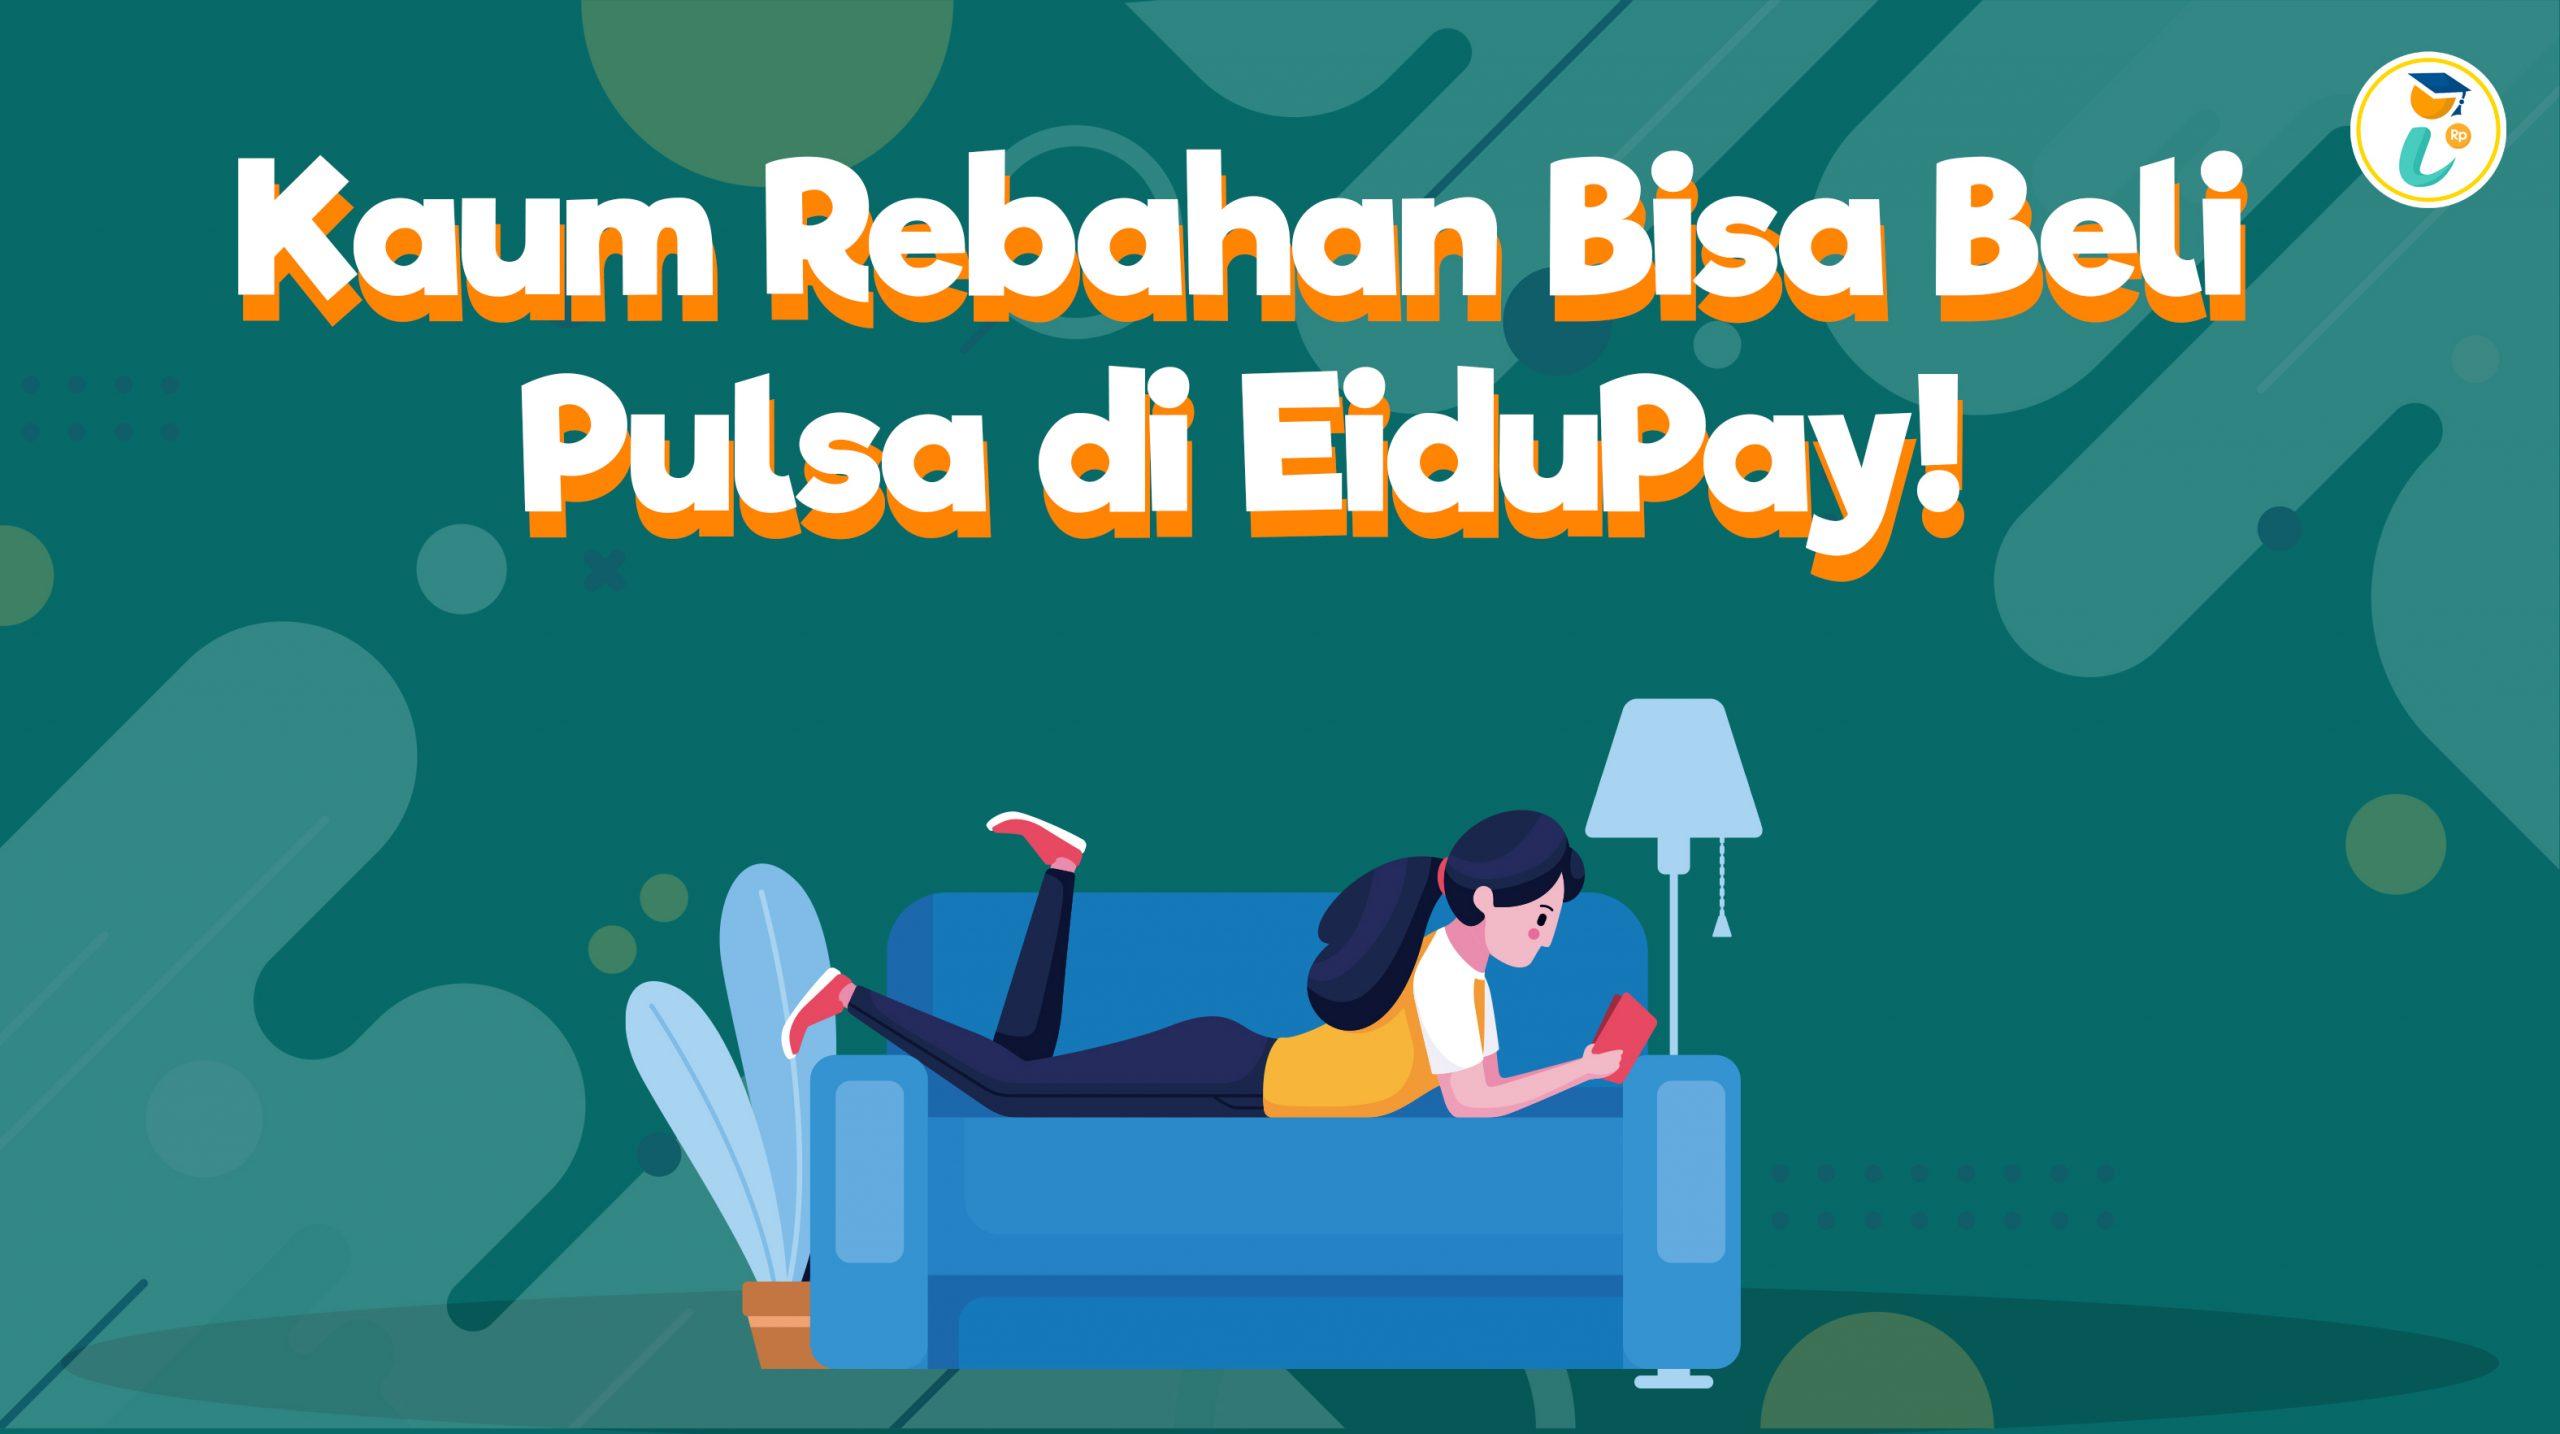 Kaum Rebahan Bisa Beli Pulsa di EiduPay!